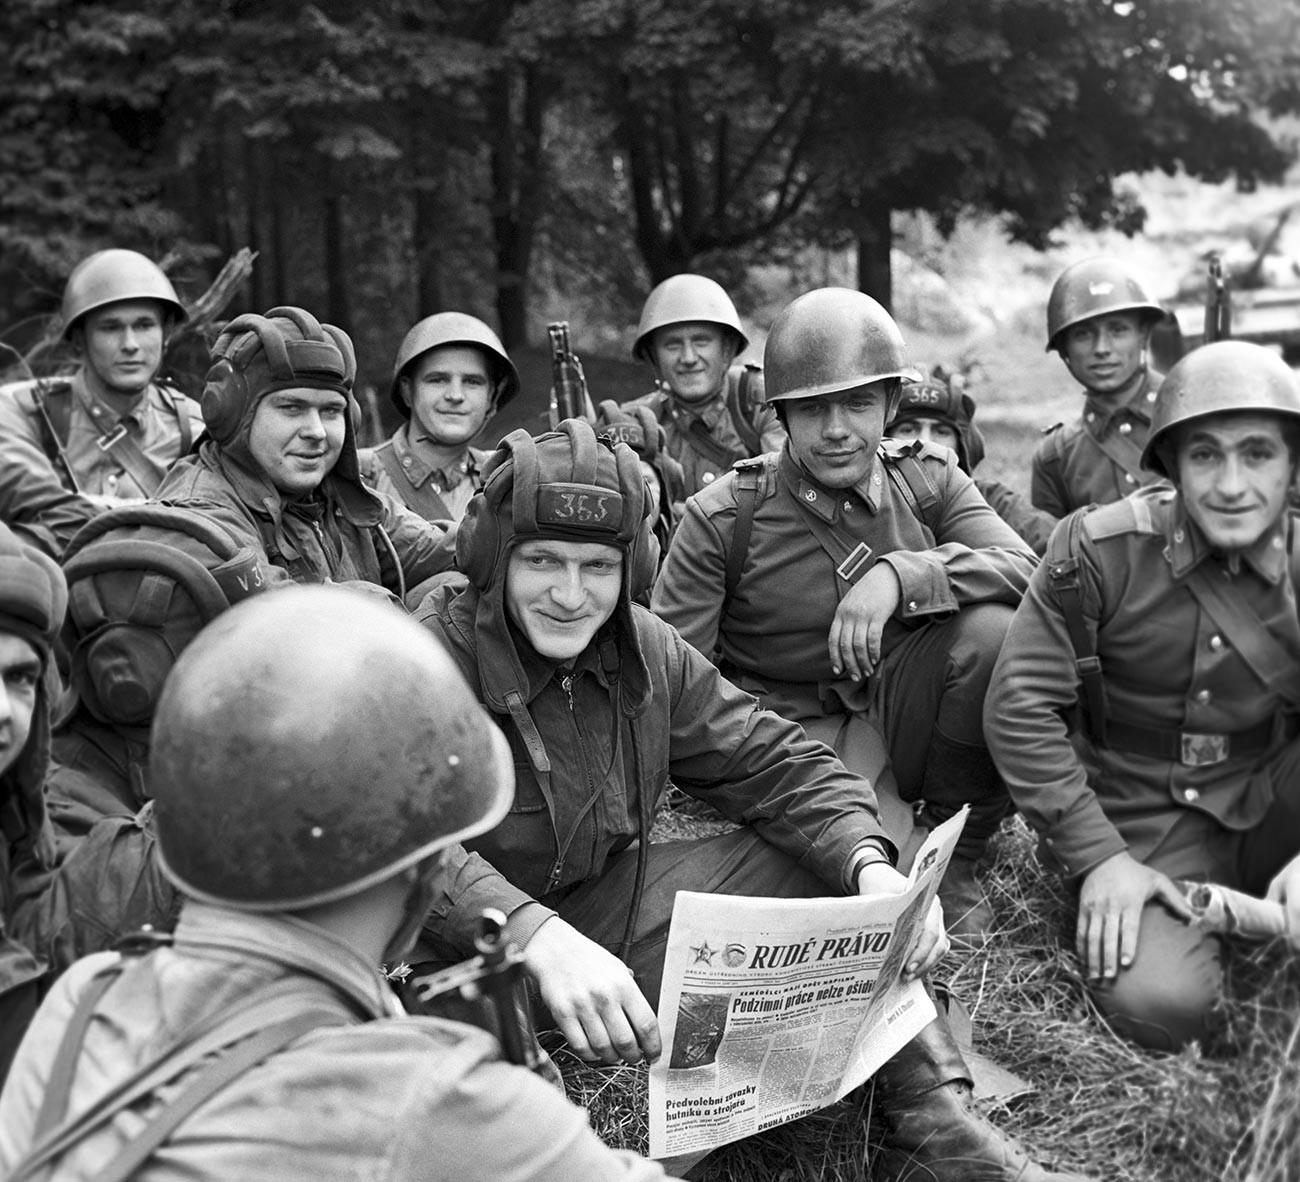 Češkoslovaški tankisti in pripadniki sovjetskih motoriziranih enot med odmorom v času skupnih vaj